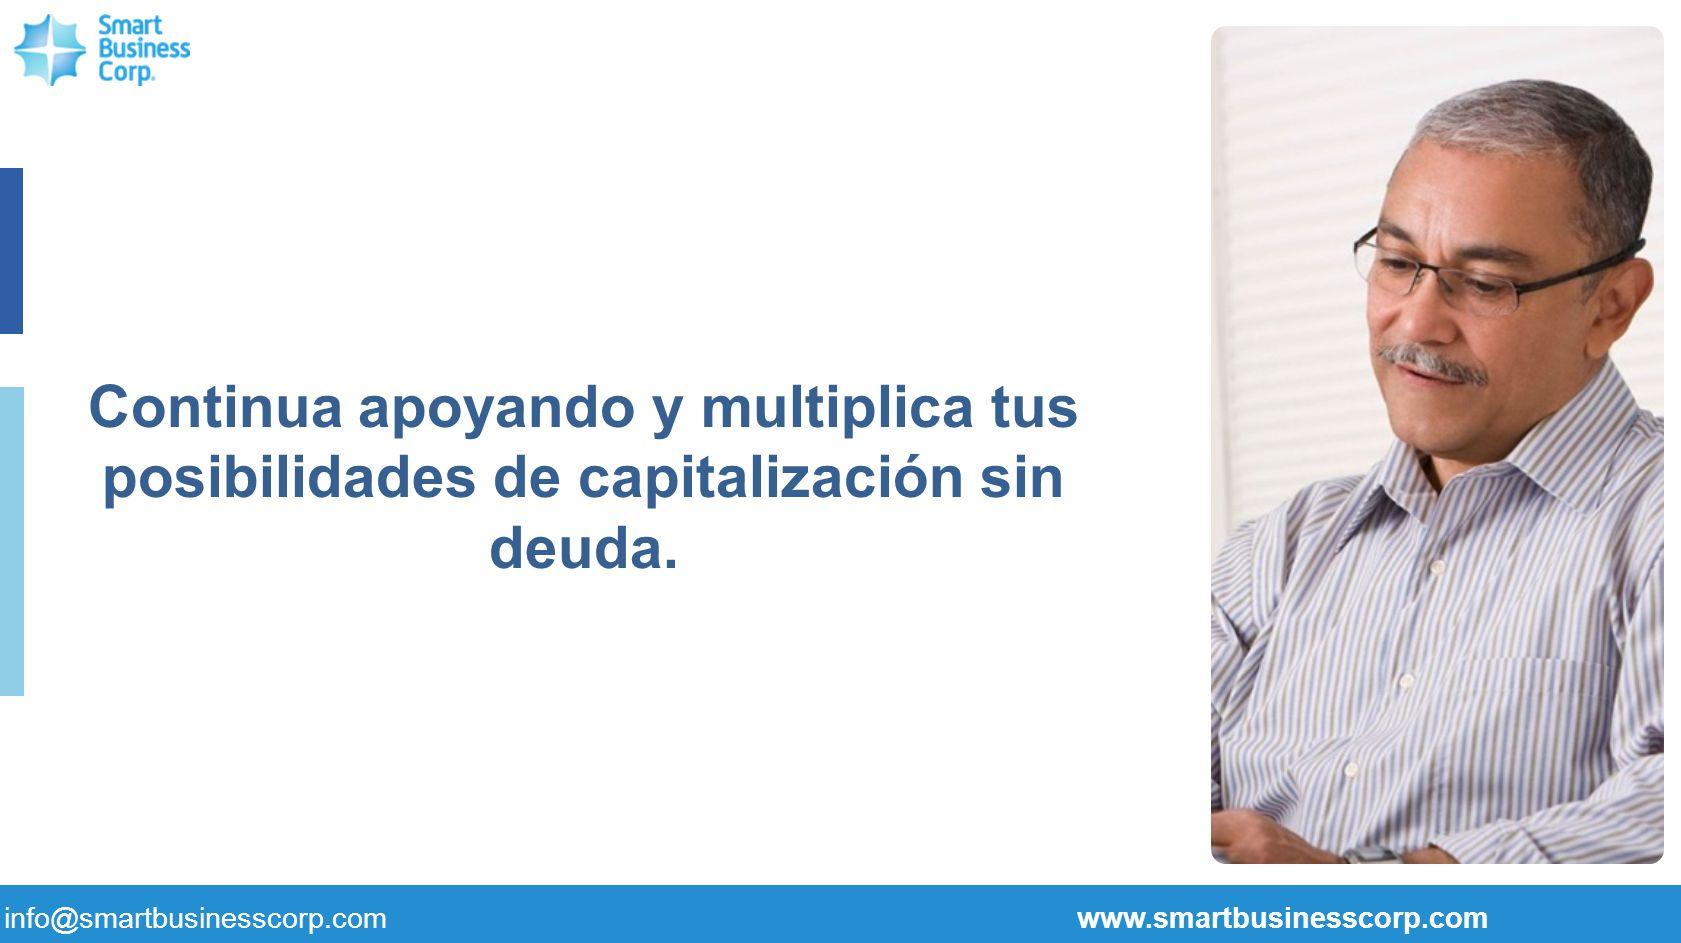 Continua apoyando y multiplica tus posibilidades de capitalización sin deuda.